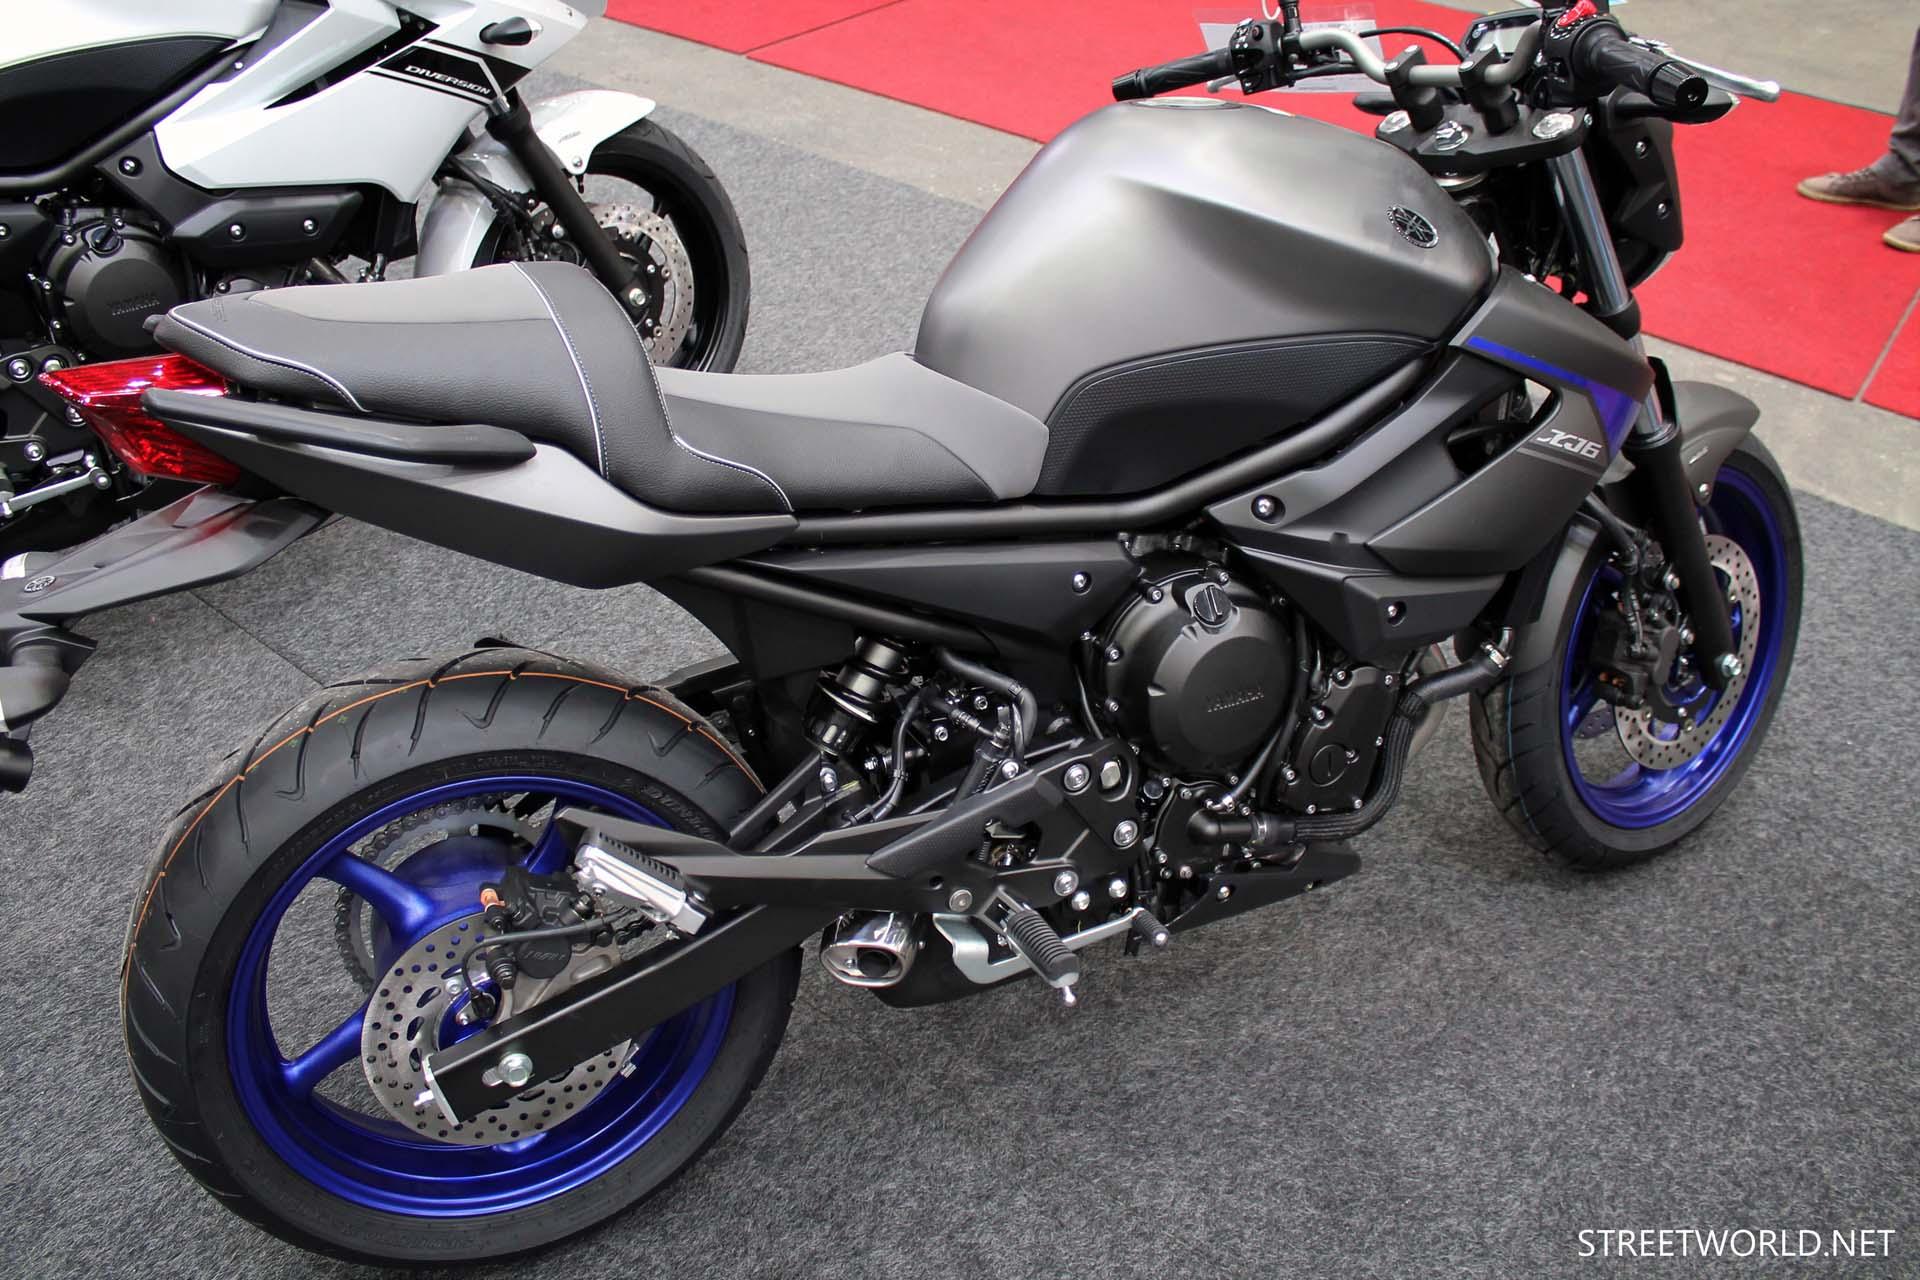 Motorrad Show 2013 – Highlights  Streetworld